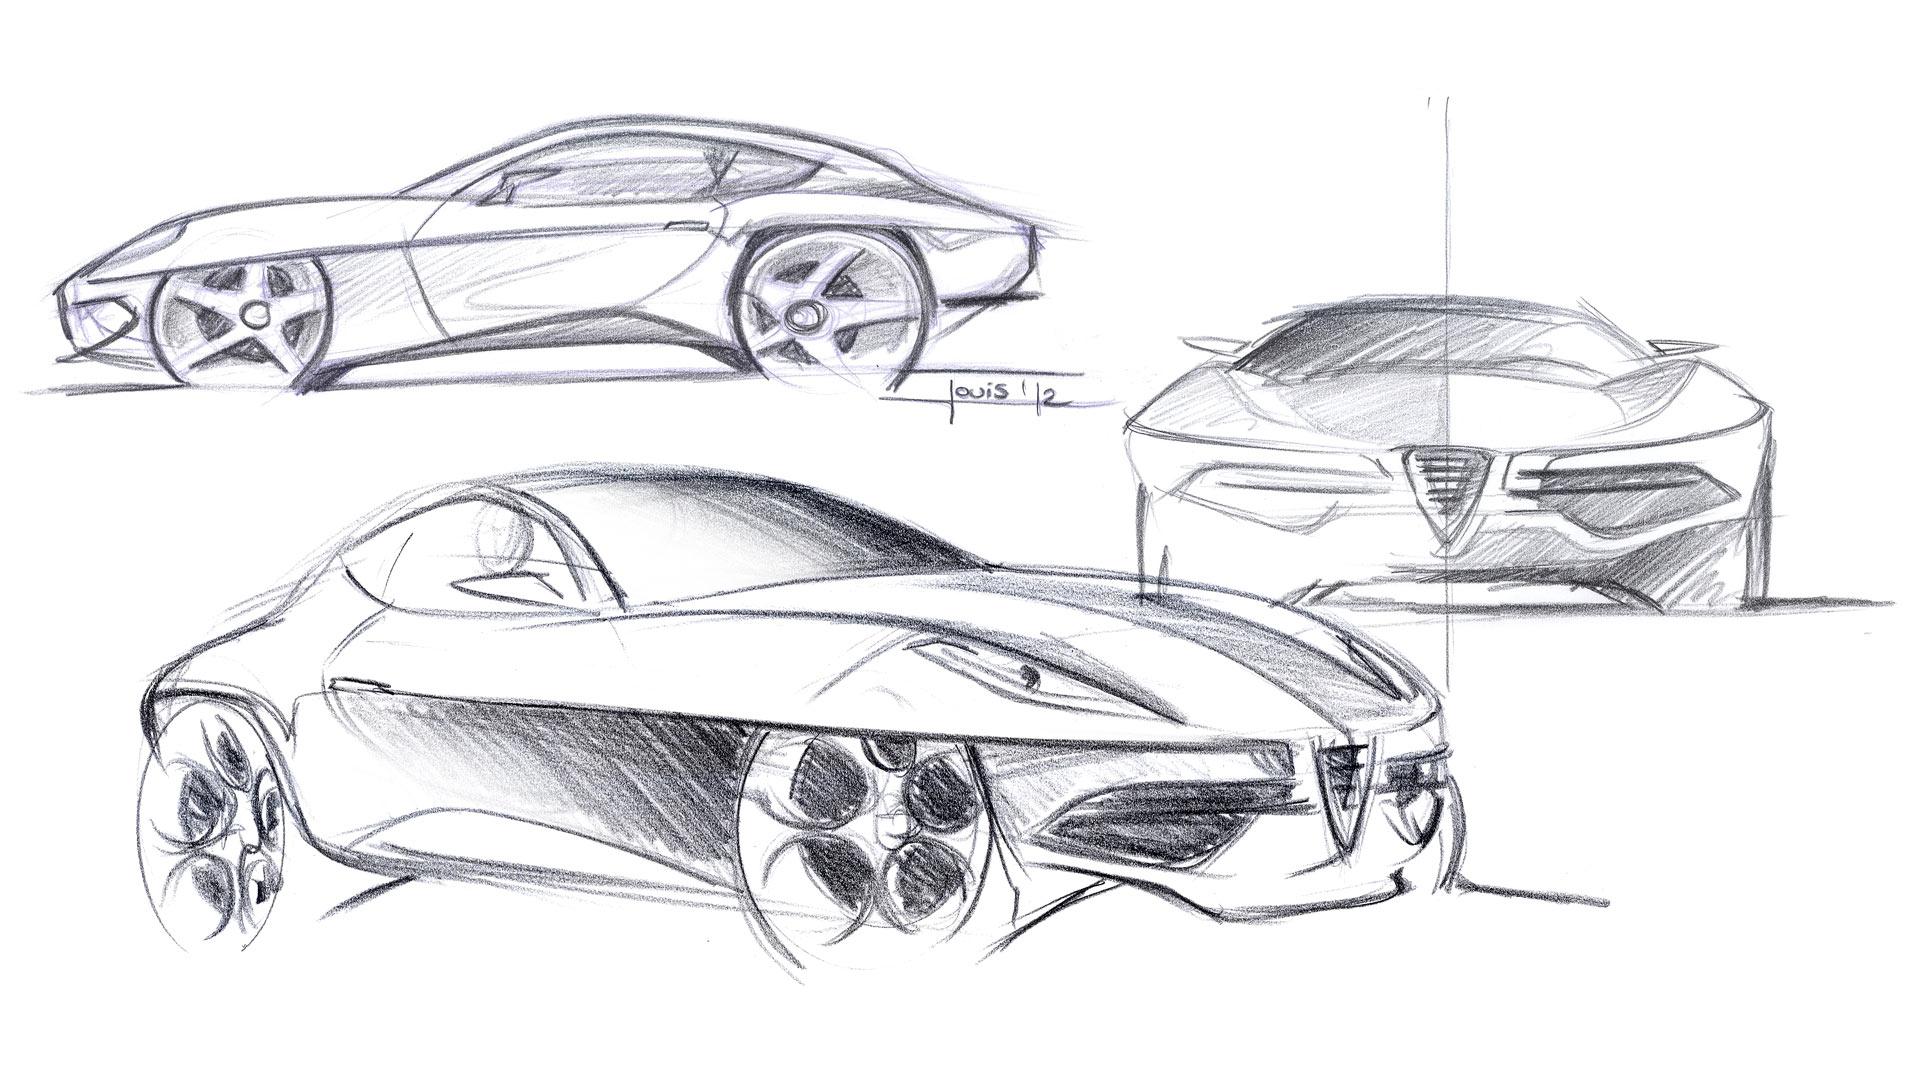 Disco Volante Concept Design Sketches